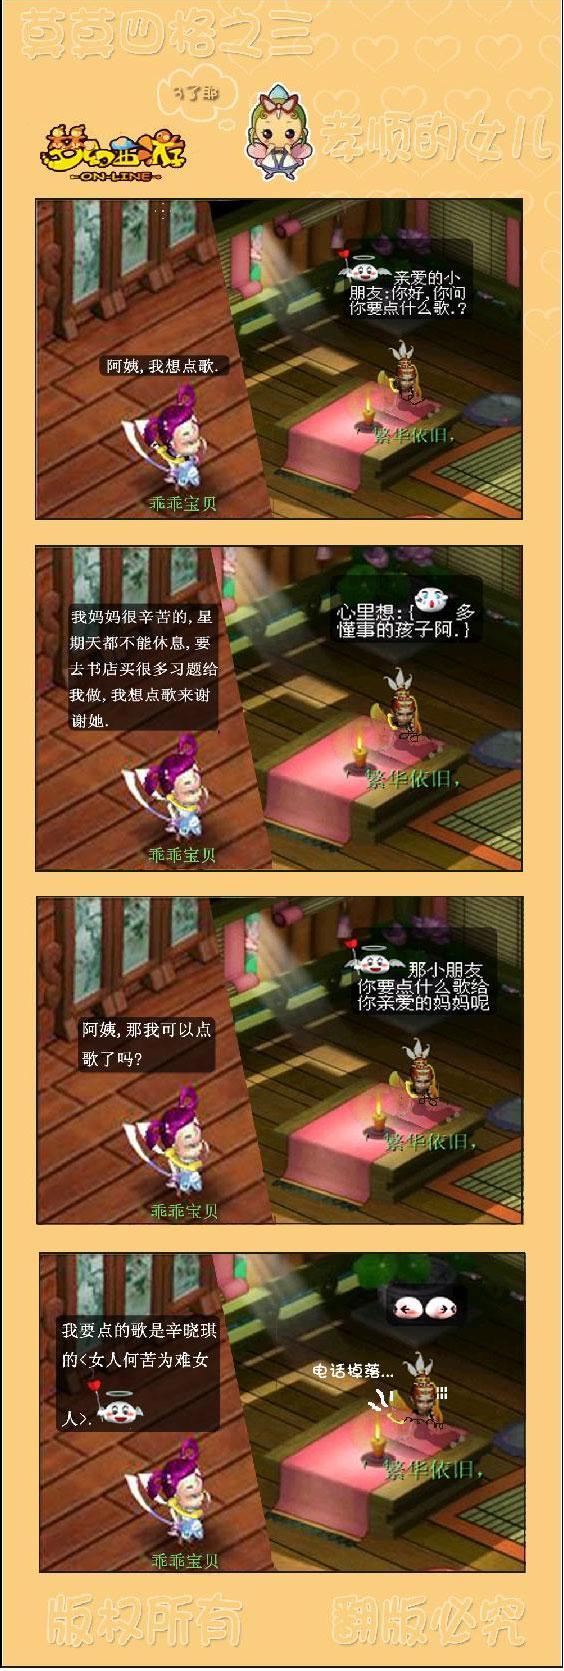 中国 漫画 家有儿女/原文地址:http://dmenghuanblog.blog.sohu.com/89874220.html...